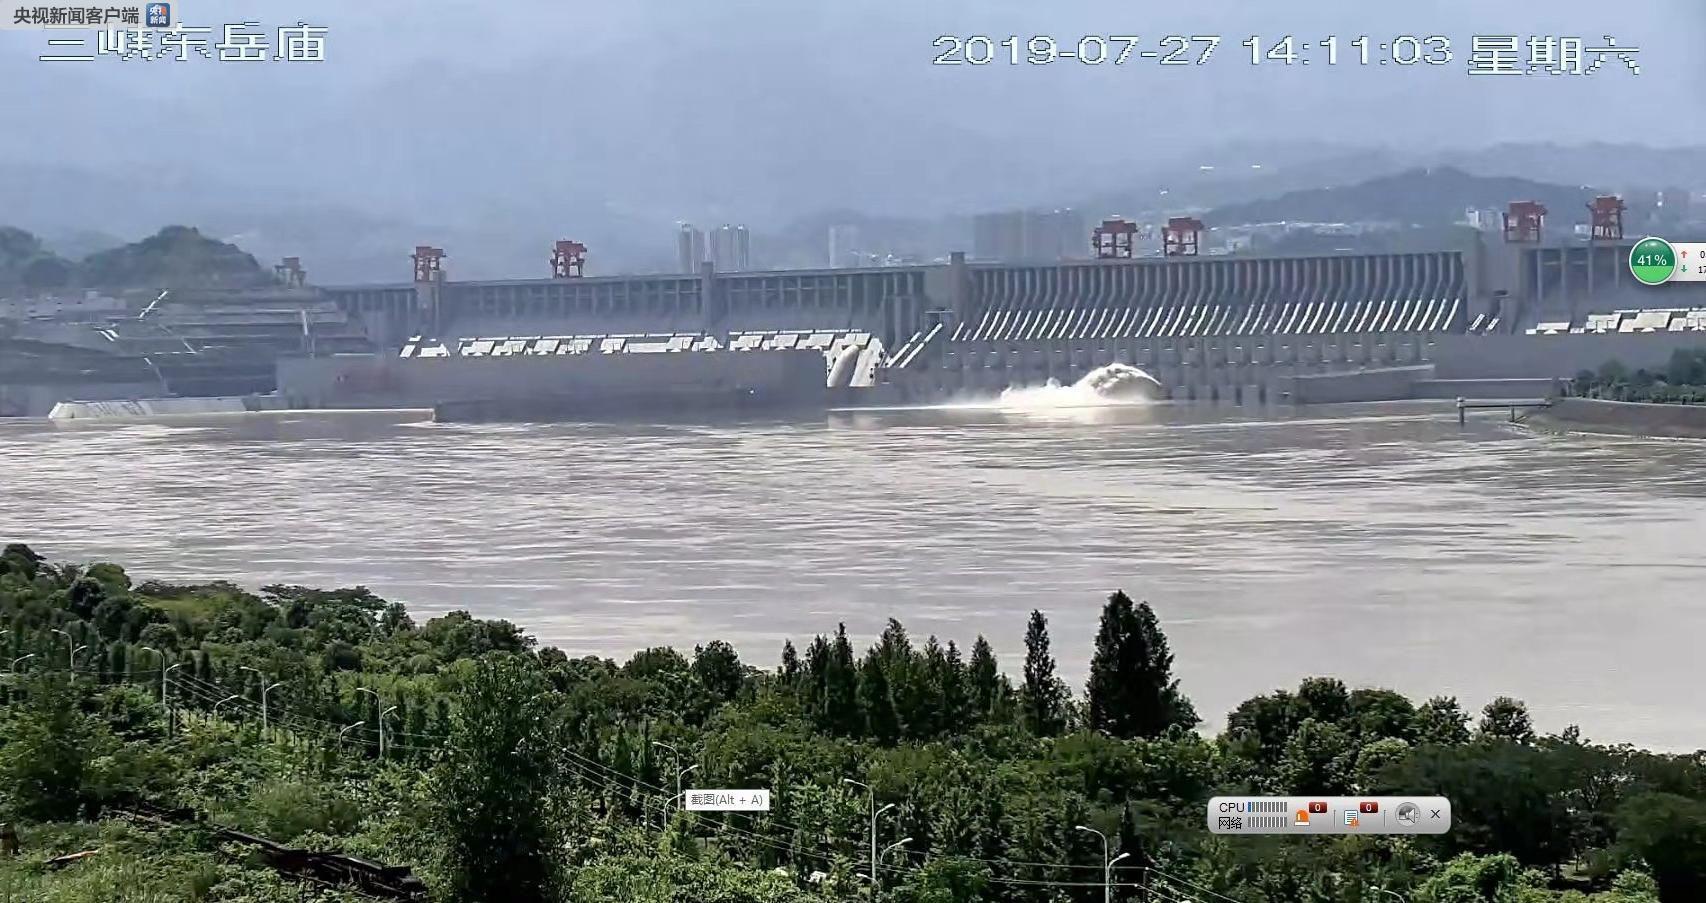 三峡水利工程的主要功能是_四川水利职业技术学院管理工程系在哪个校区_长江水利长江工程建设局